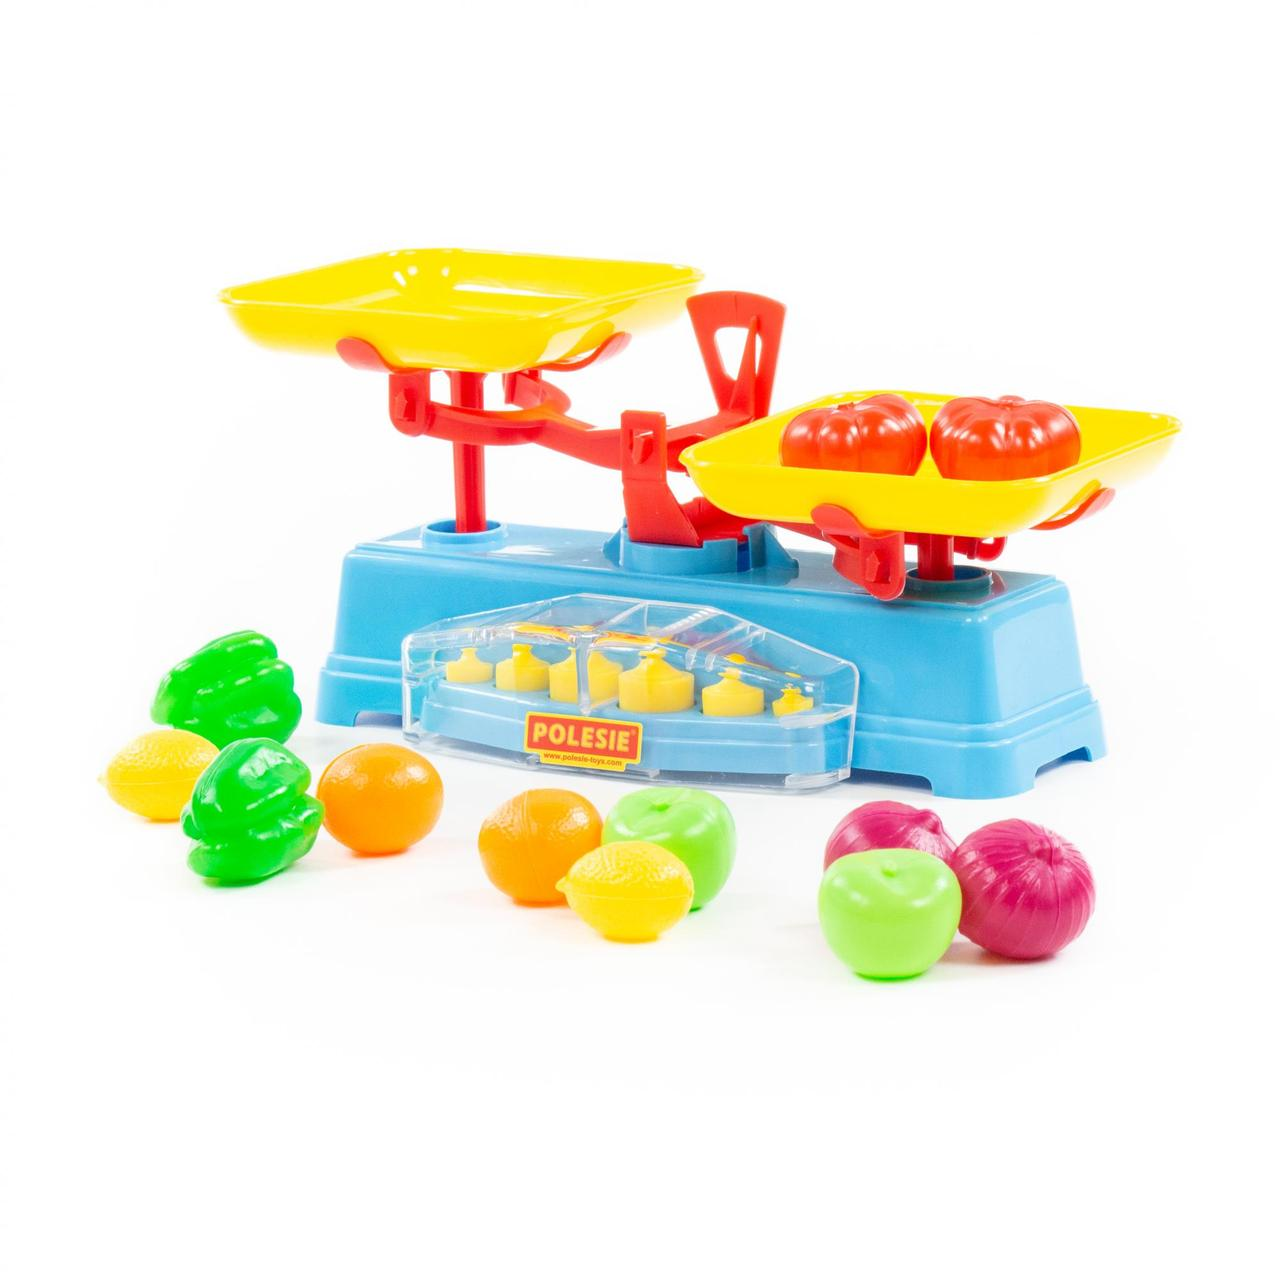 Игровой набор - Весы и комплект продуктов - фото 2